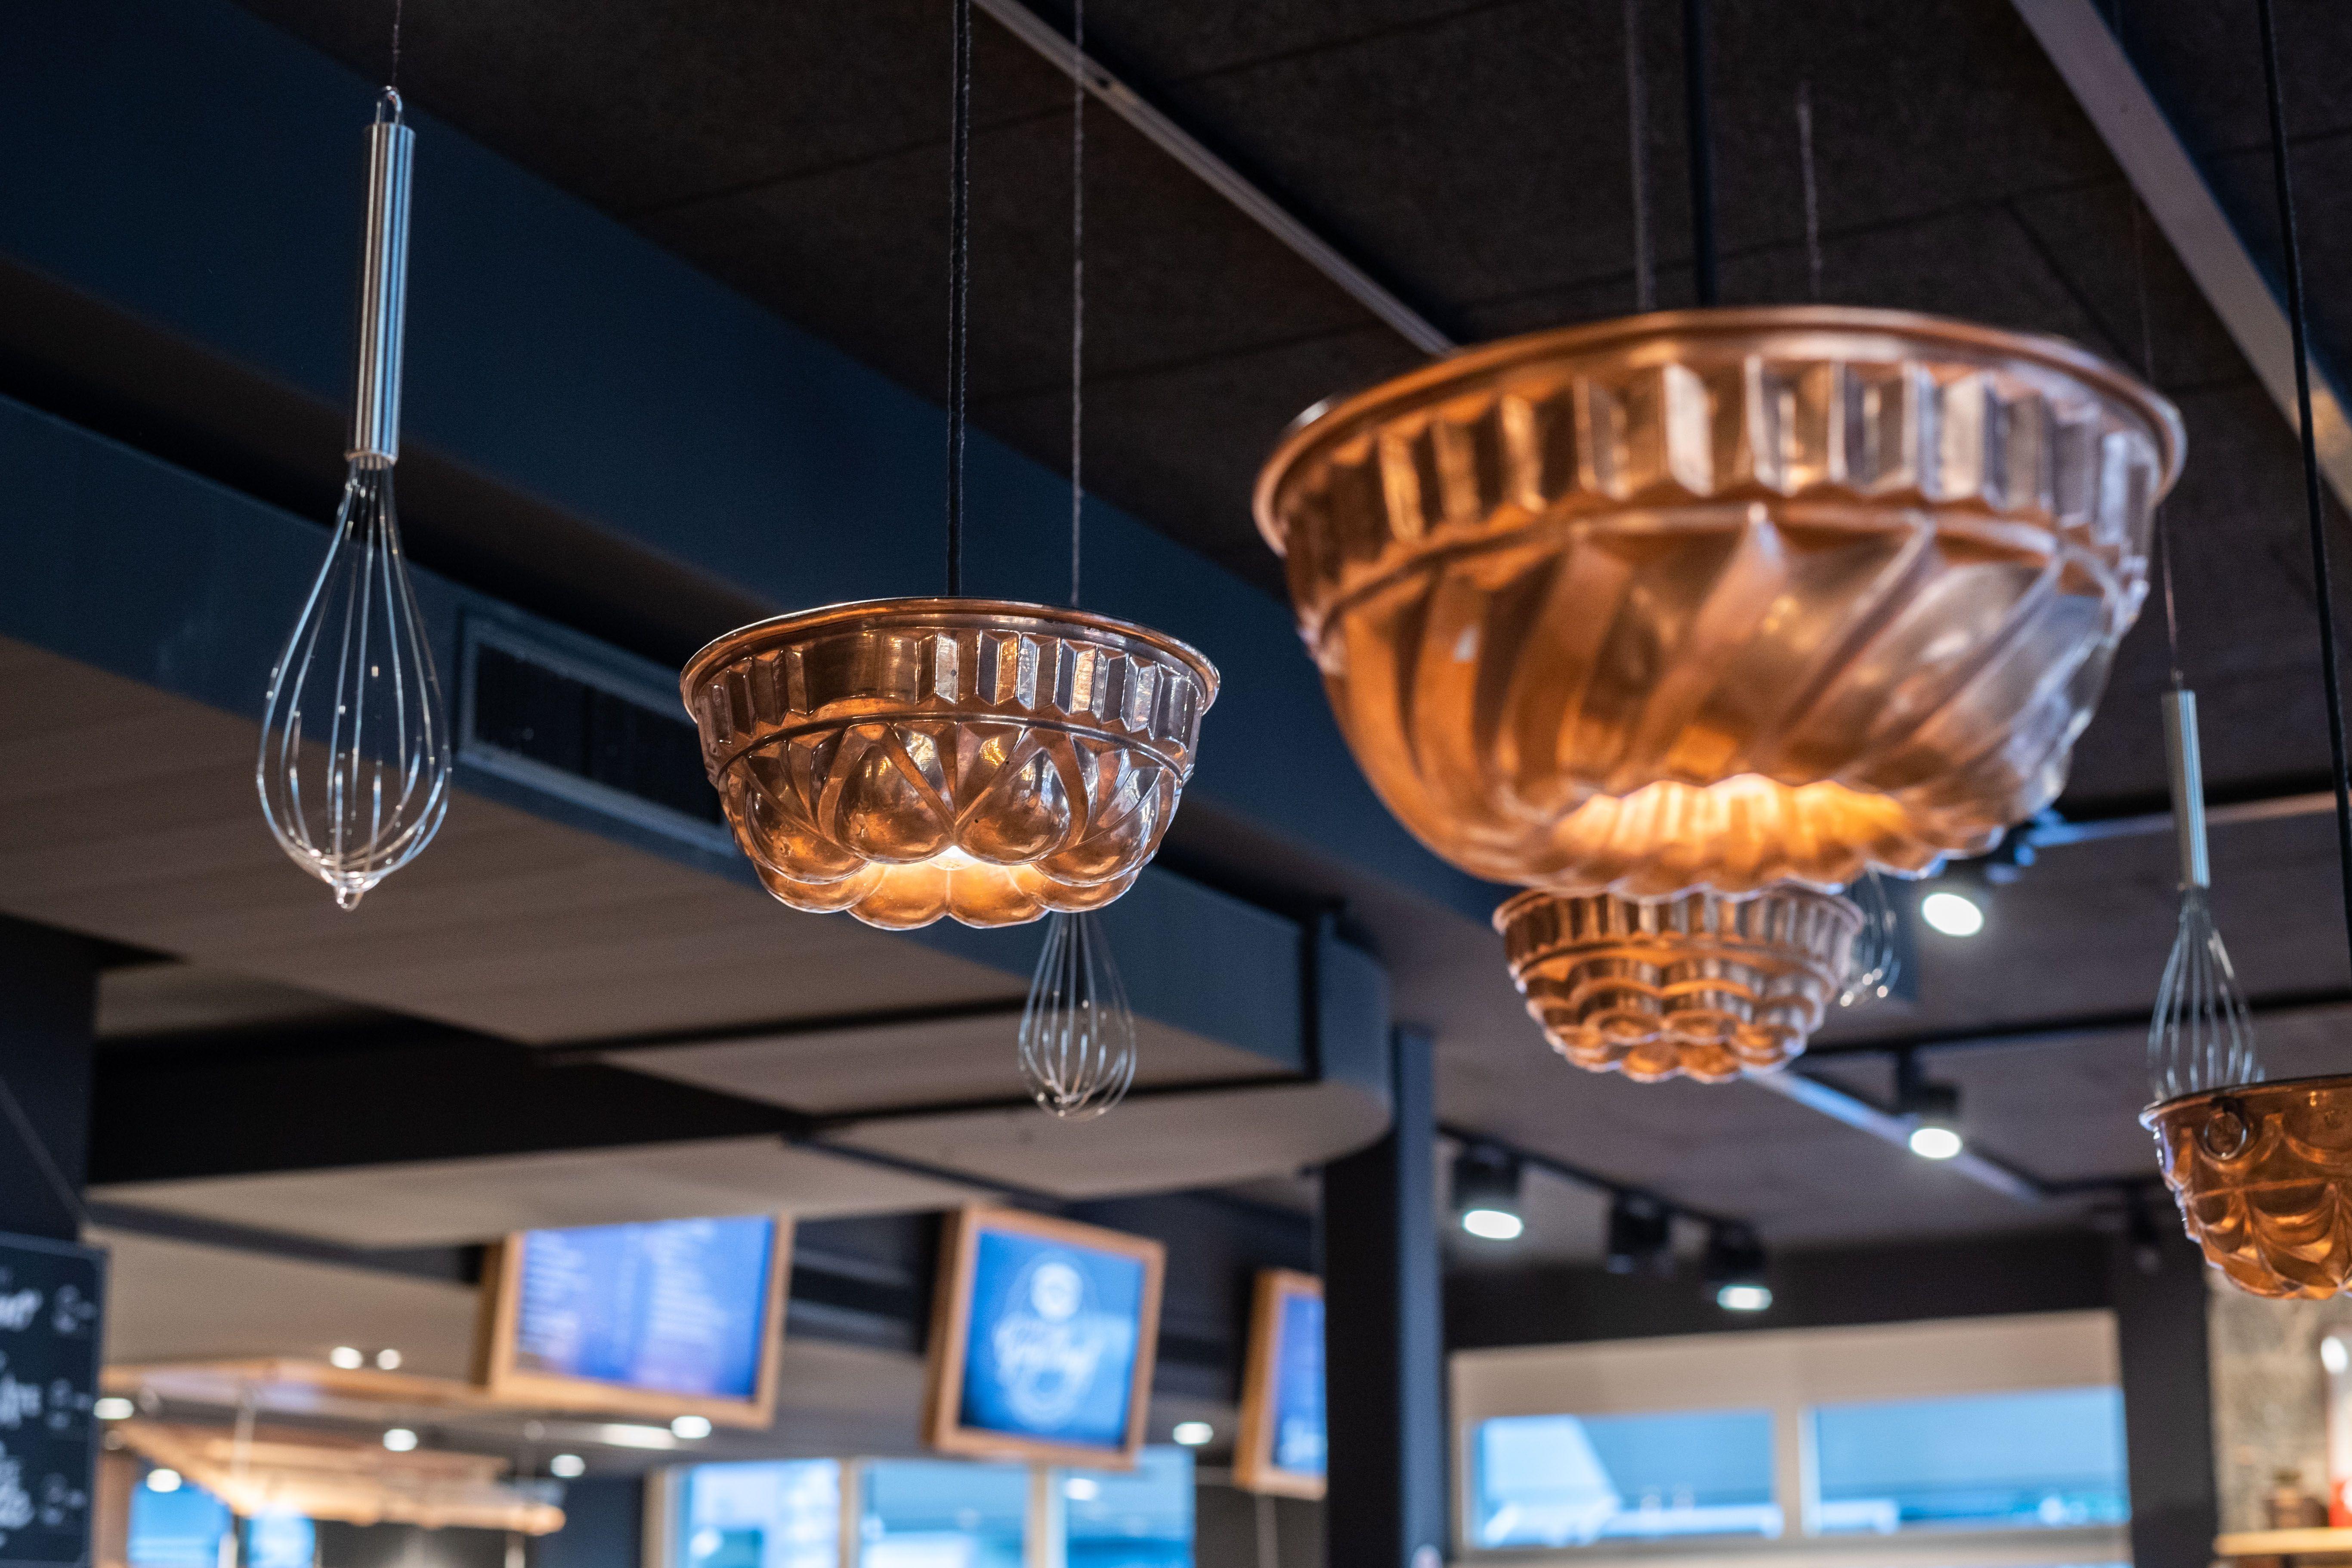 Gugelhupf In Luzern Aichinger Ladenbau Theke Ladentheke Design Einrichtung Ladeneinrichtung Modern Food Ladeneinrichtung Cafe Dekoration Ladentheke